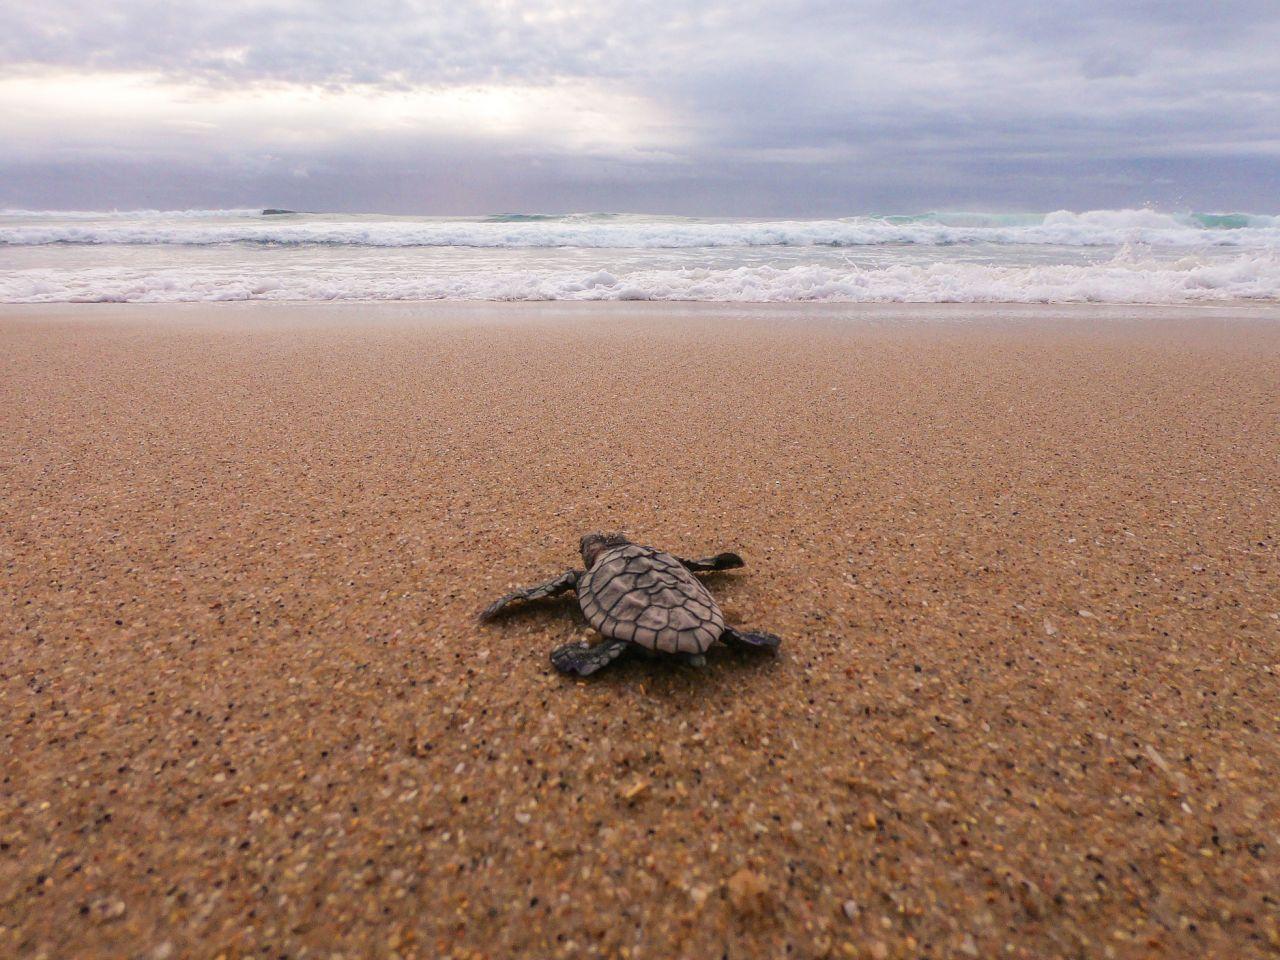 绿海龟和伐木头:拉拉海滩的海龟物种